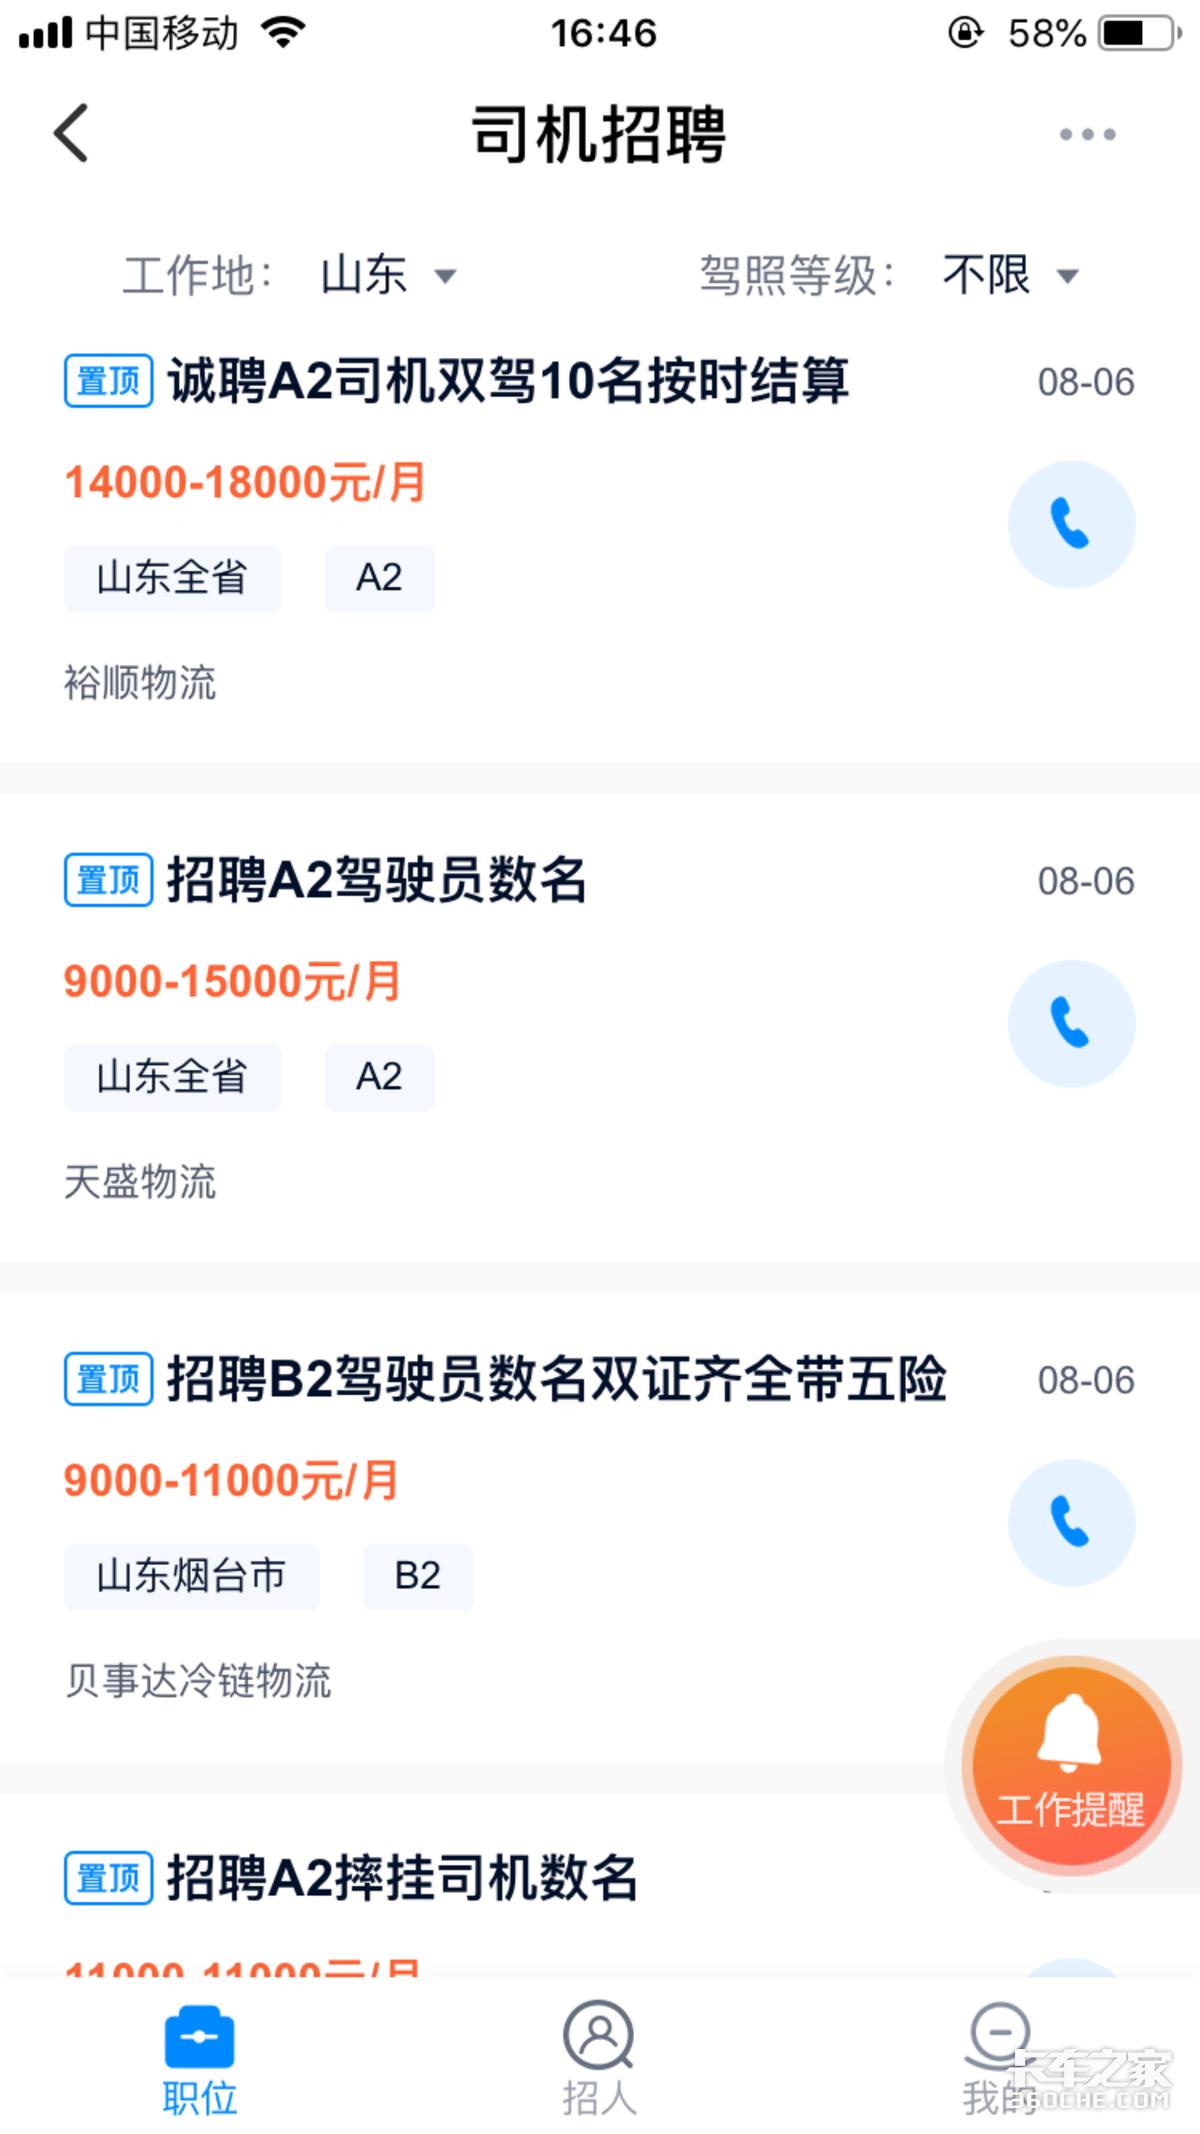 本周驾驶员工资盘点新疆内蒙古工资高天津港集卡工资亮眼